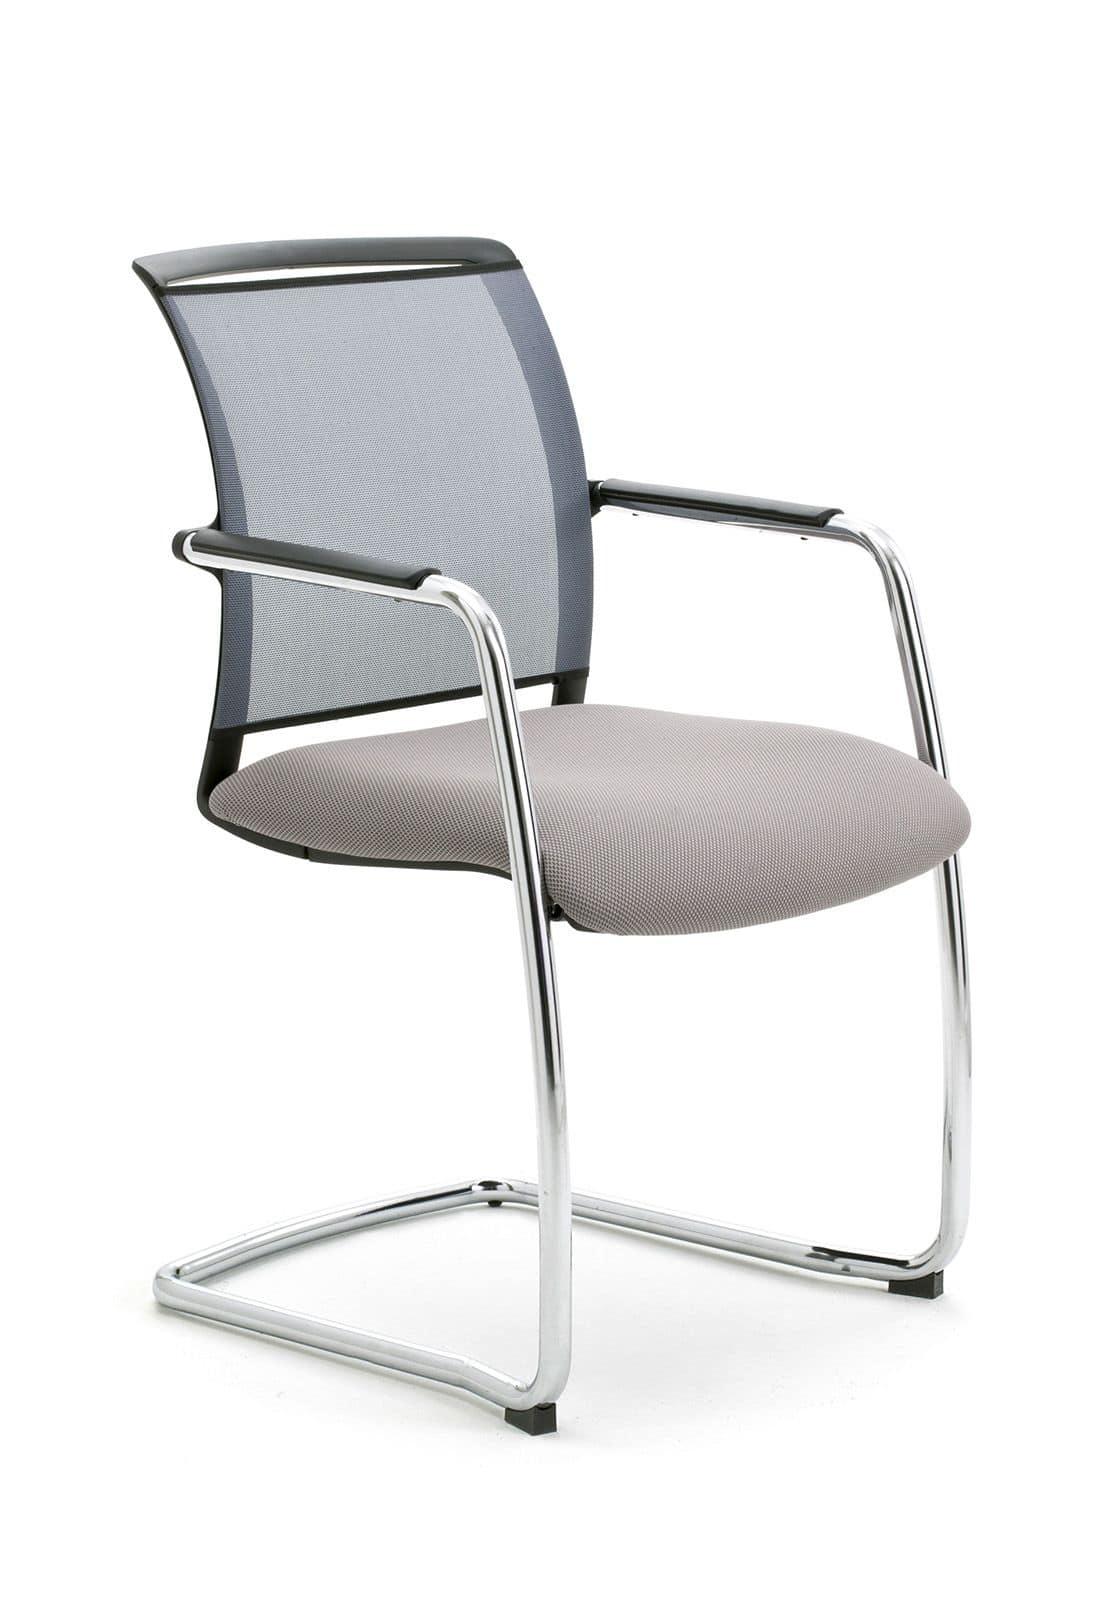 Sedia a slitta per ufficio con schienale in rete idfdesign for Sedie ufficio